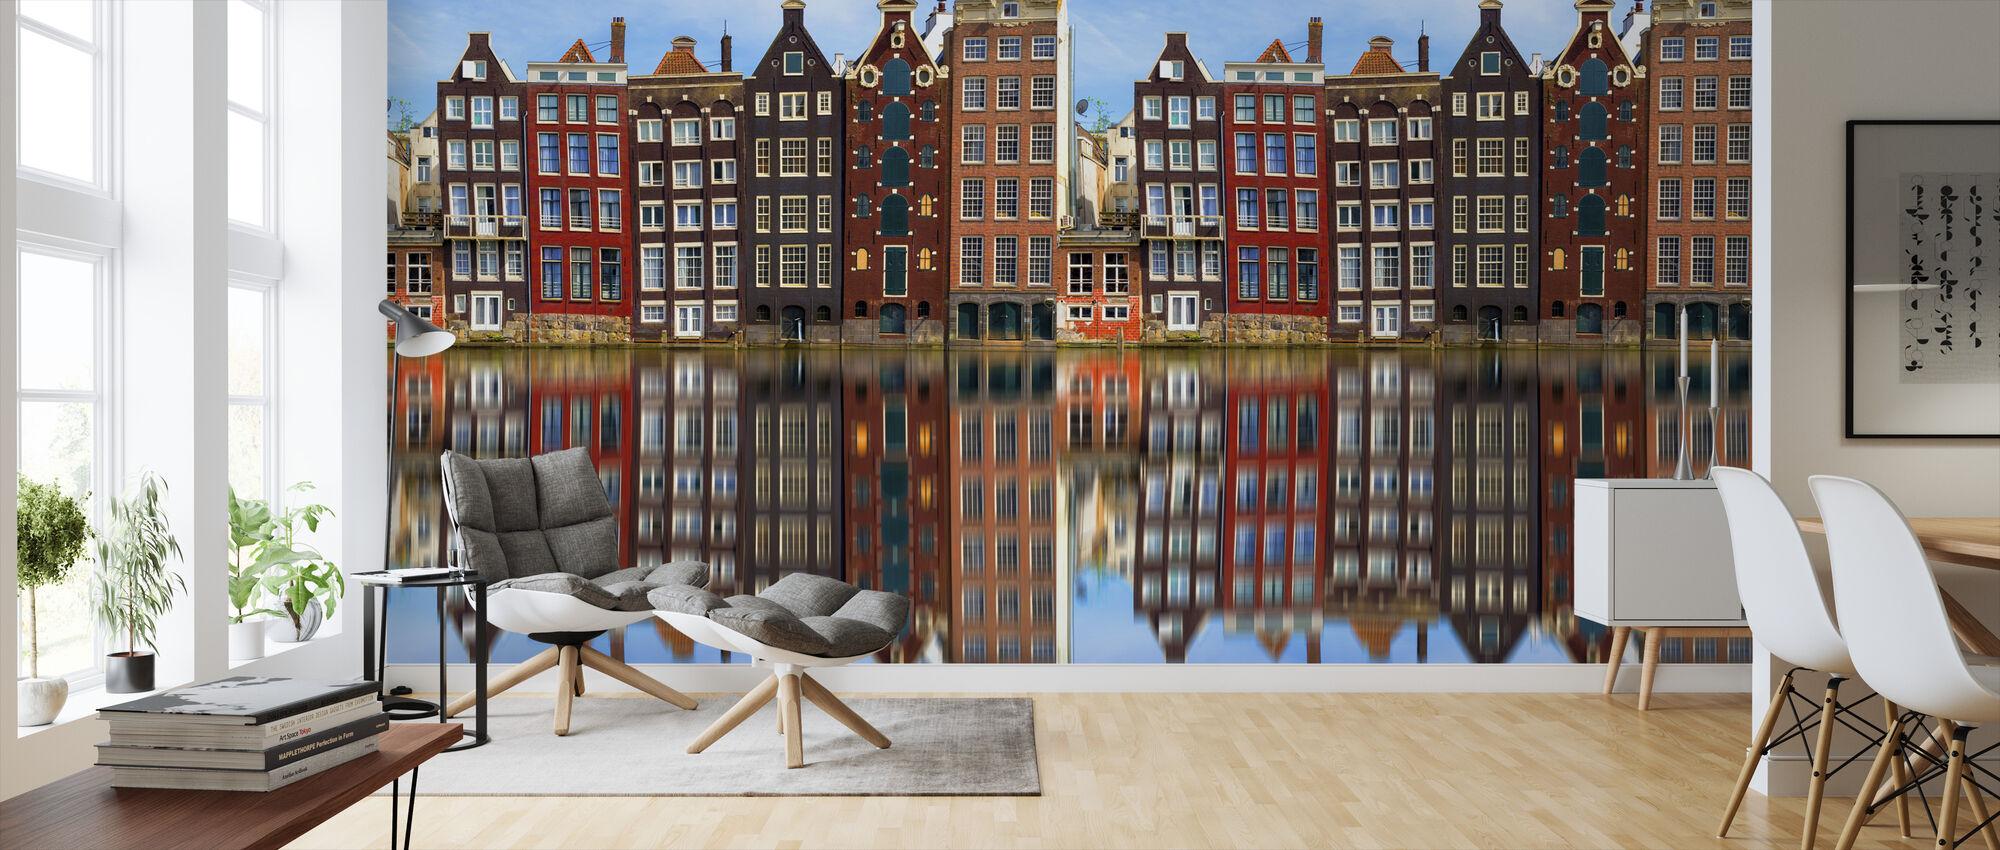 Old Amsterdam Houses - Wallpaper - Living Room